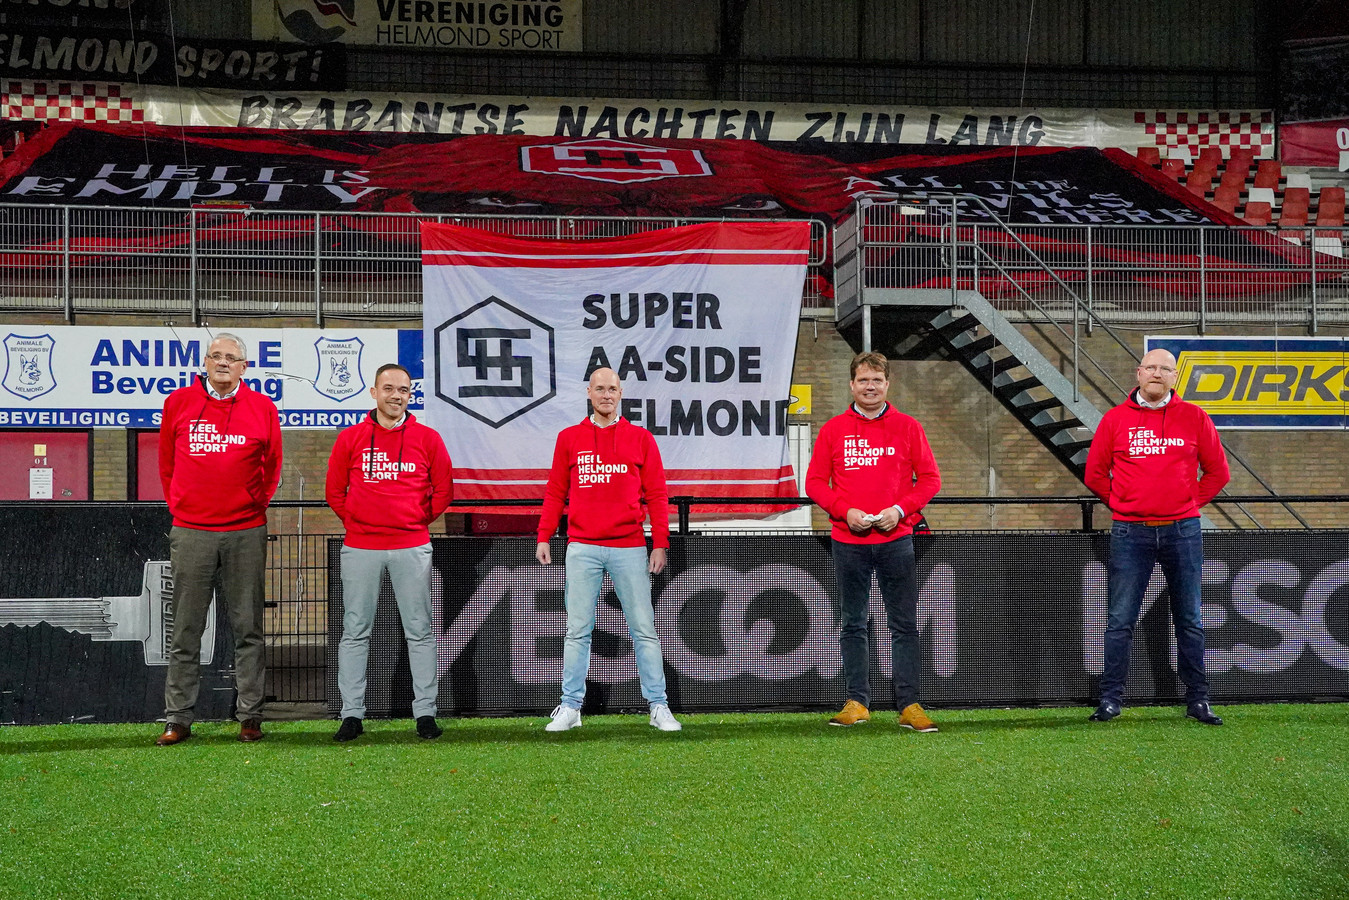 Het huidige bestuur van Helmond Sport, met William Verkoelen (rechts) als nieuwste bestuurslid.